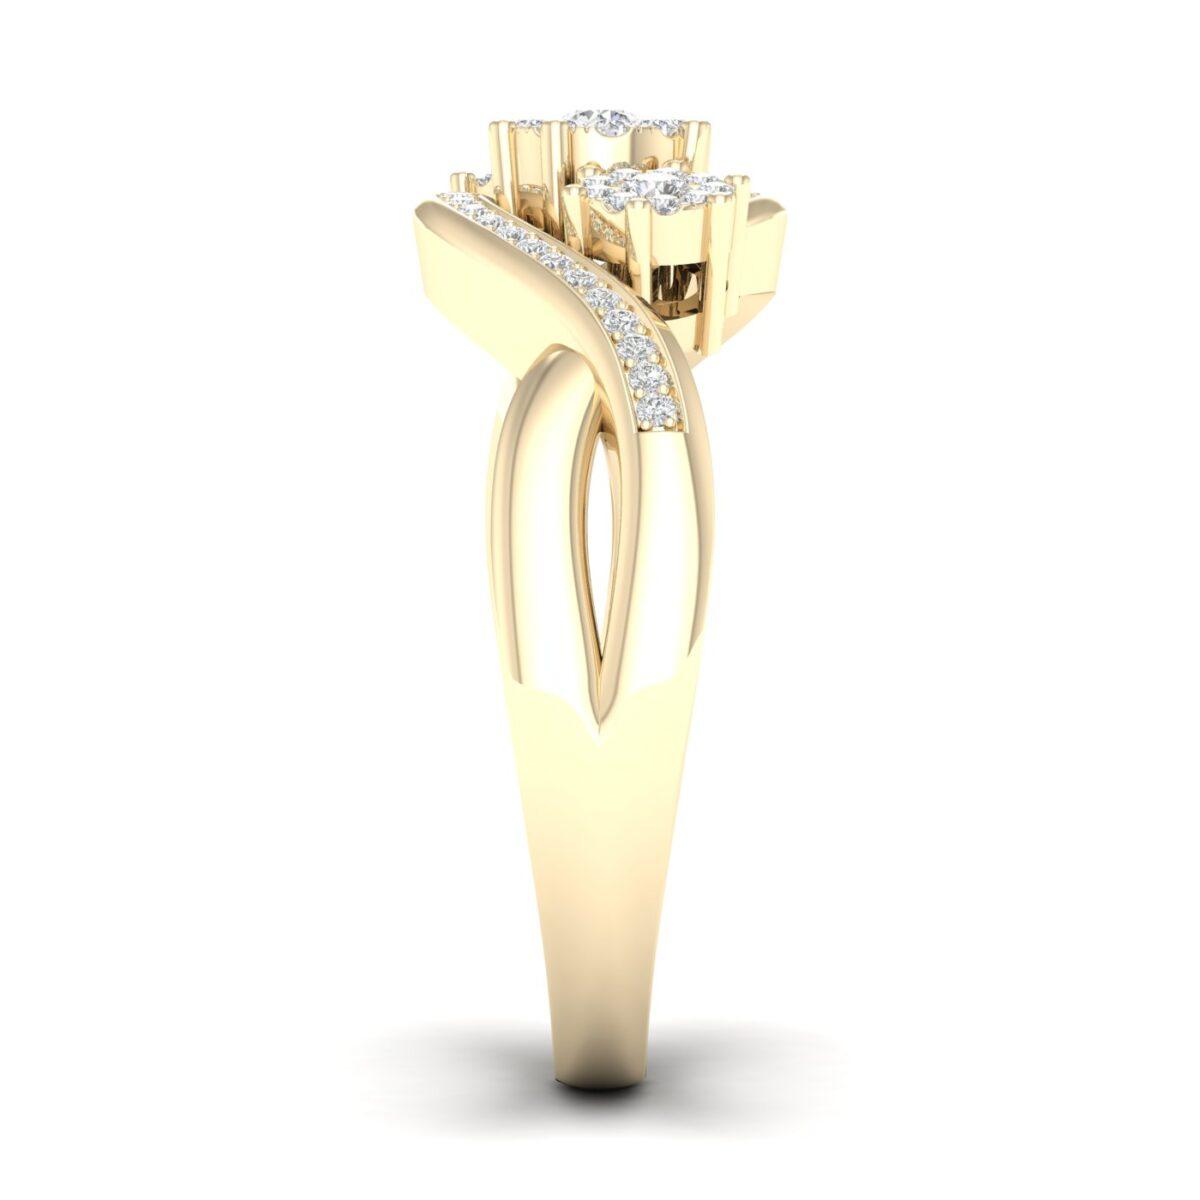 Kullast sõrmus teemantiga 0,25 ct. Kood: 40hc,102he